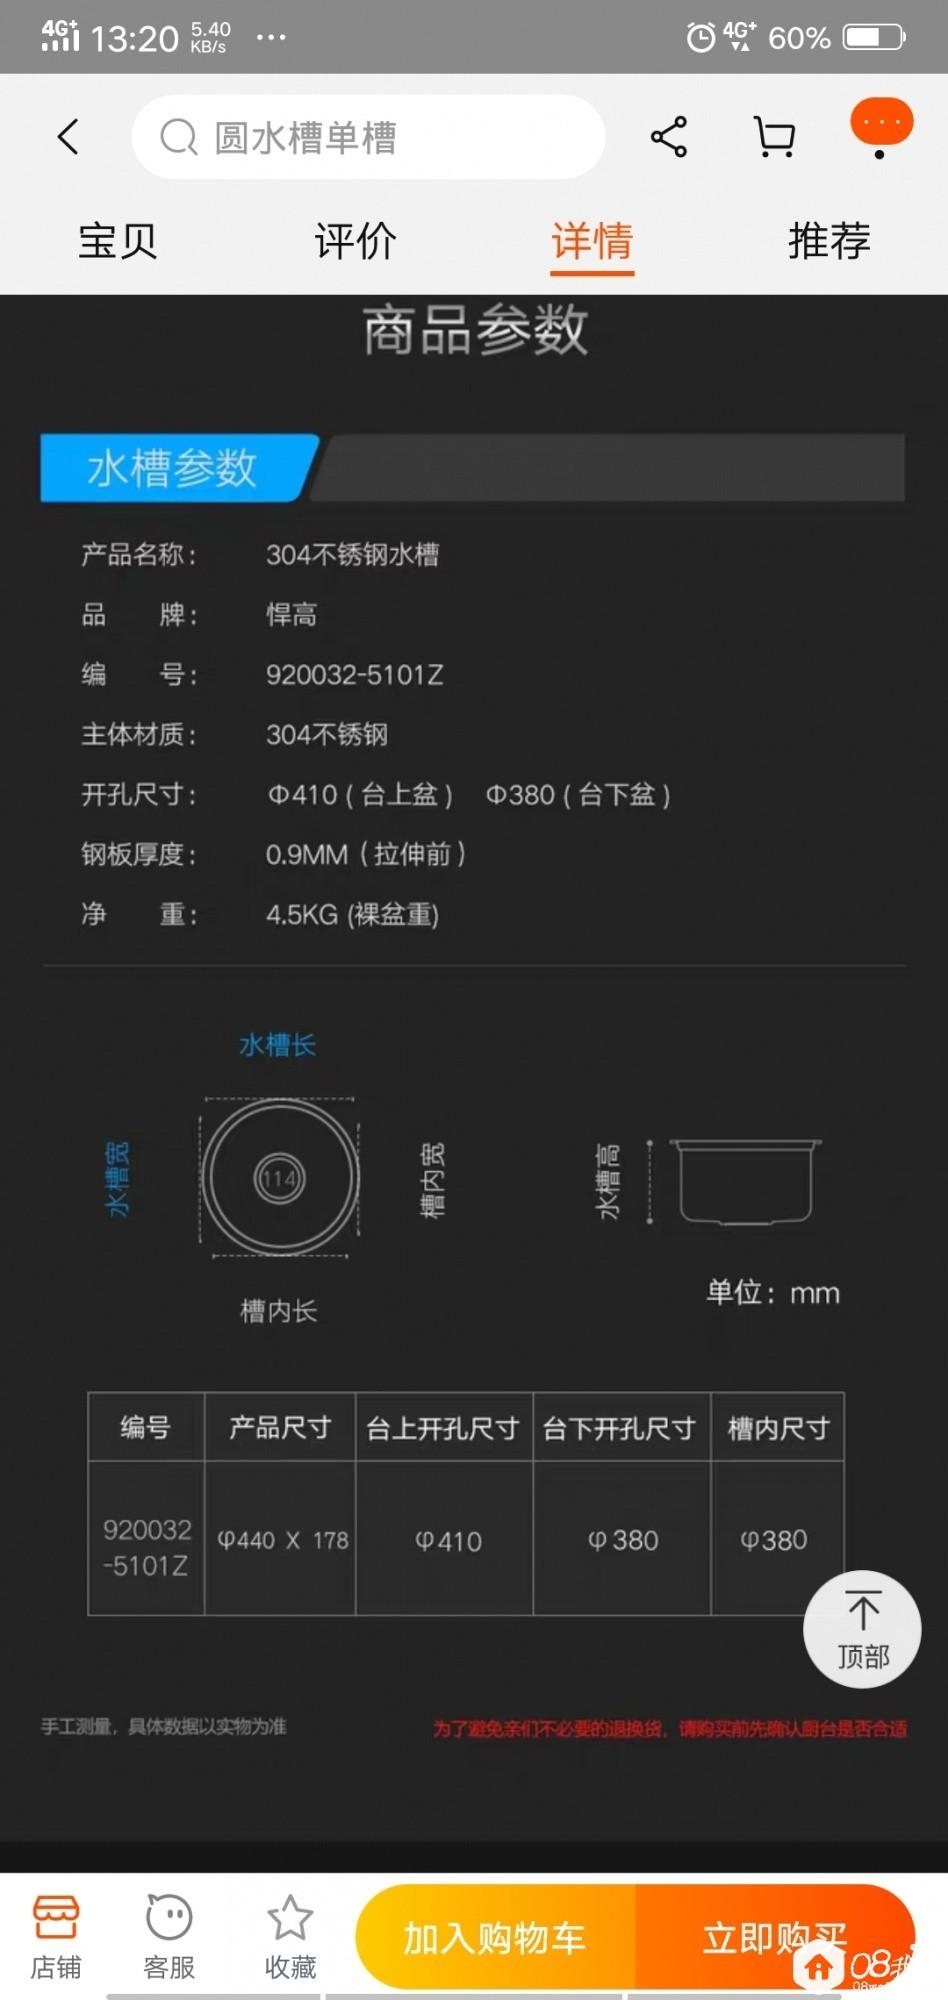 Screenshot_20190921_132032.jpg